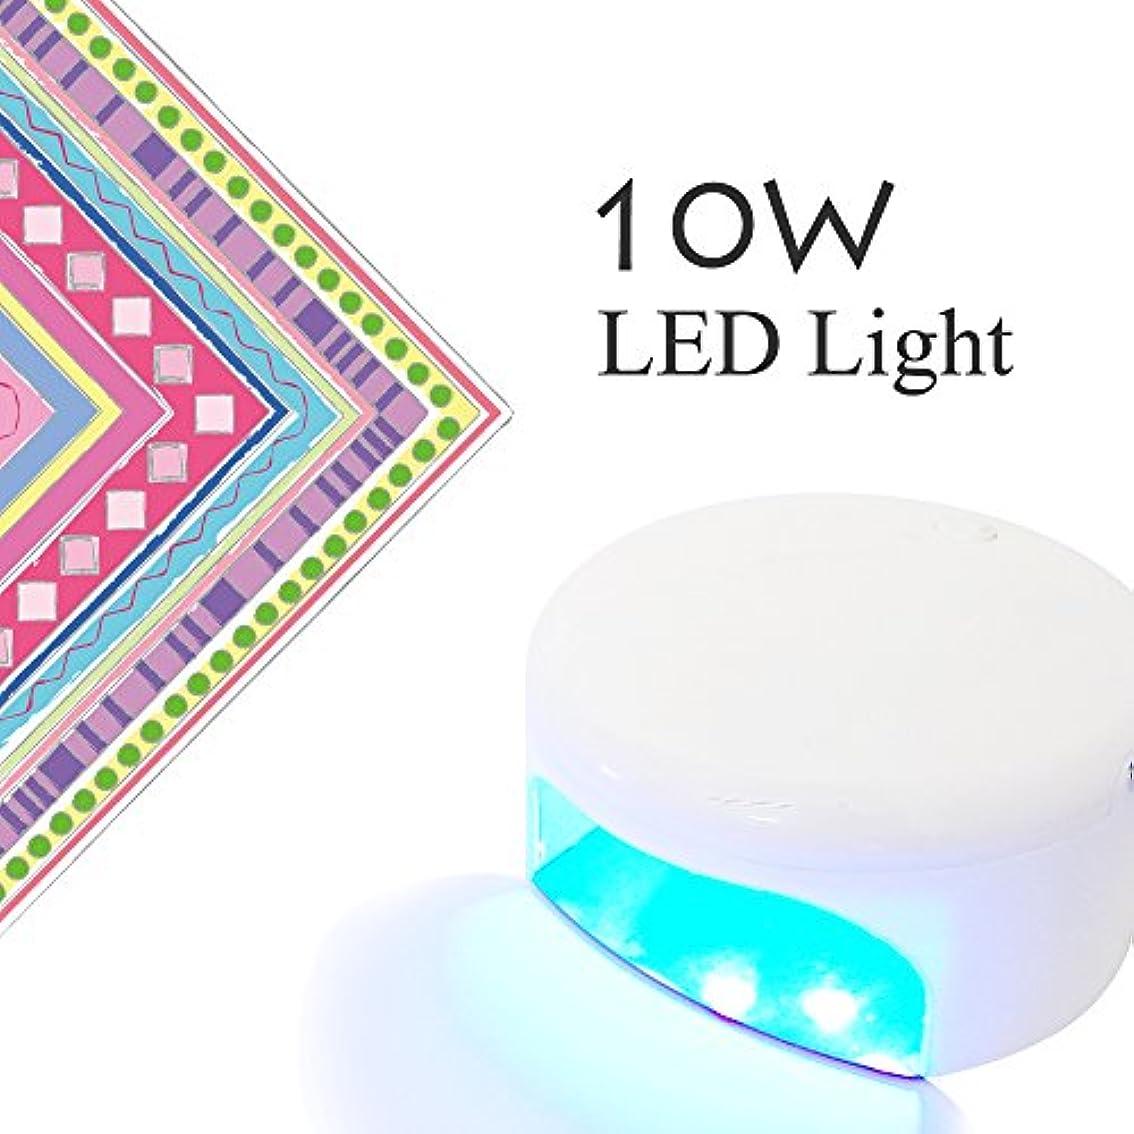 洞窟ヒューズお嬢ネイル用LEDライト 10W チップLED搭載 【LED10wライト】コンパクトハイパワー保証書。取扱説明書付き ジェルネイル (10W)